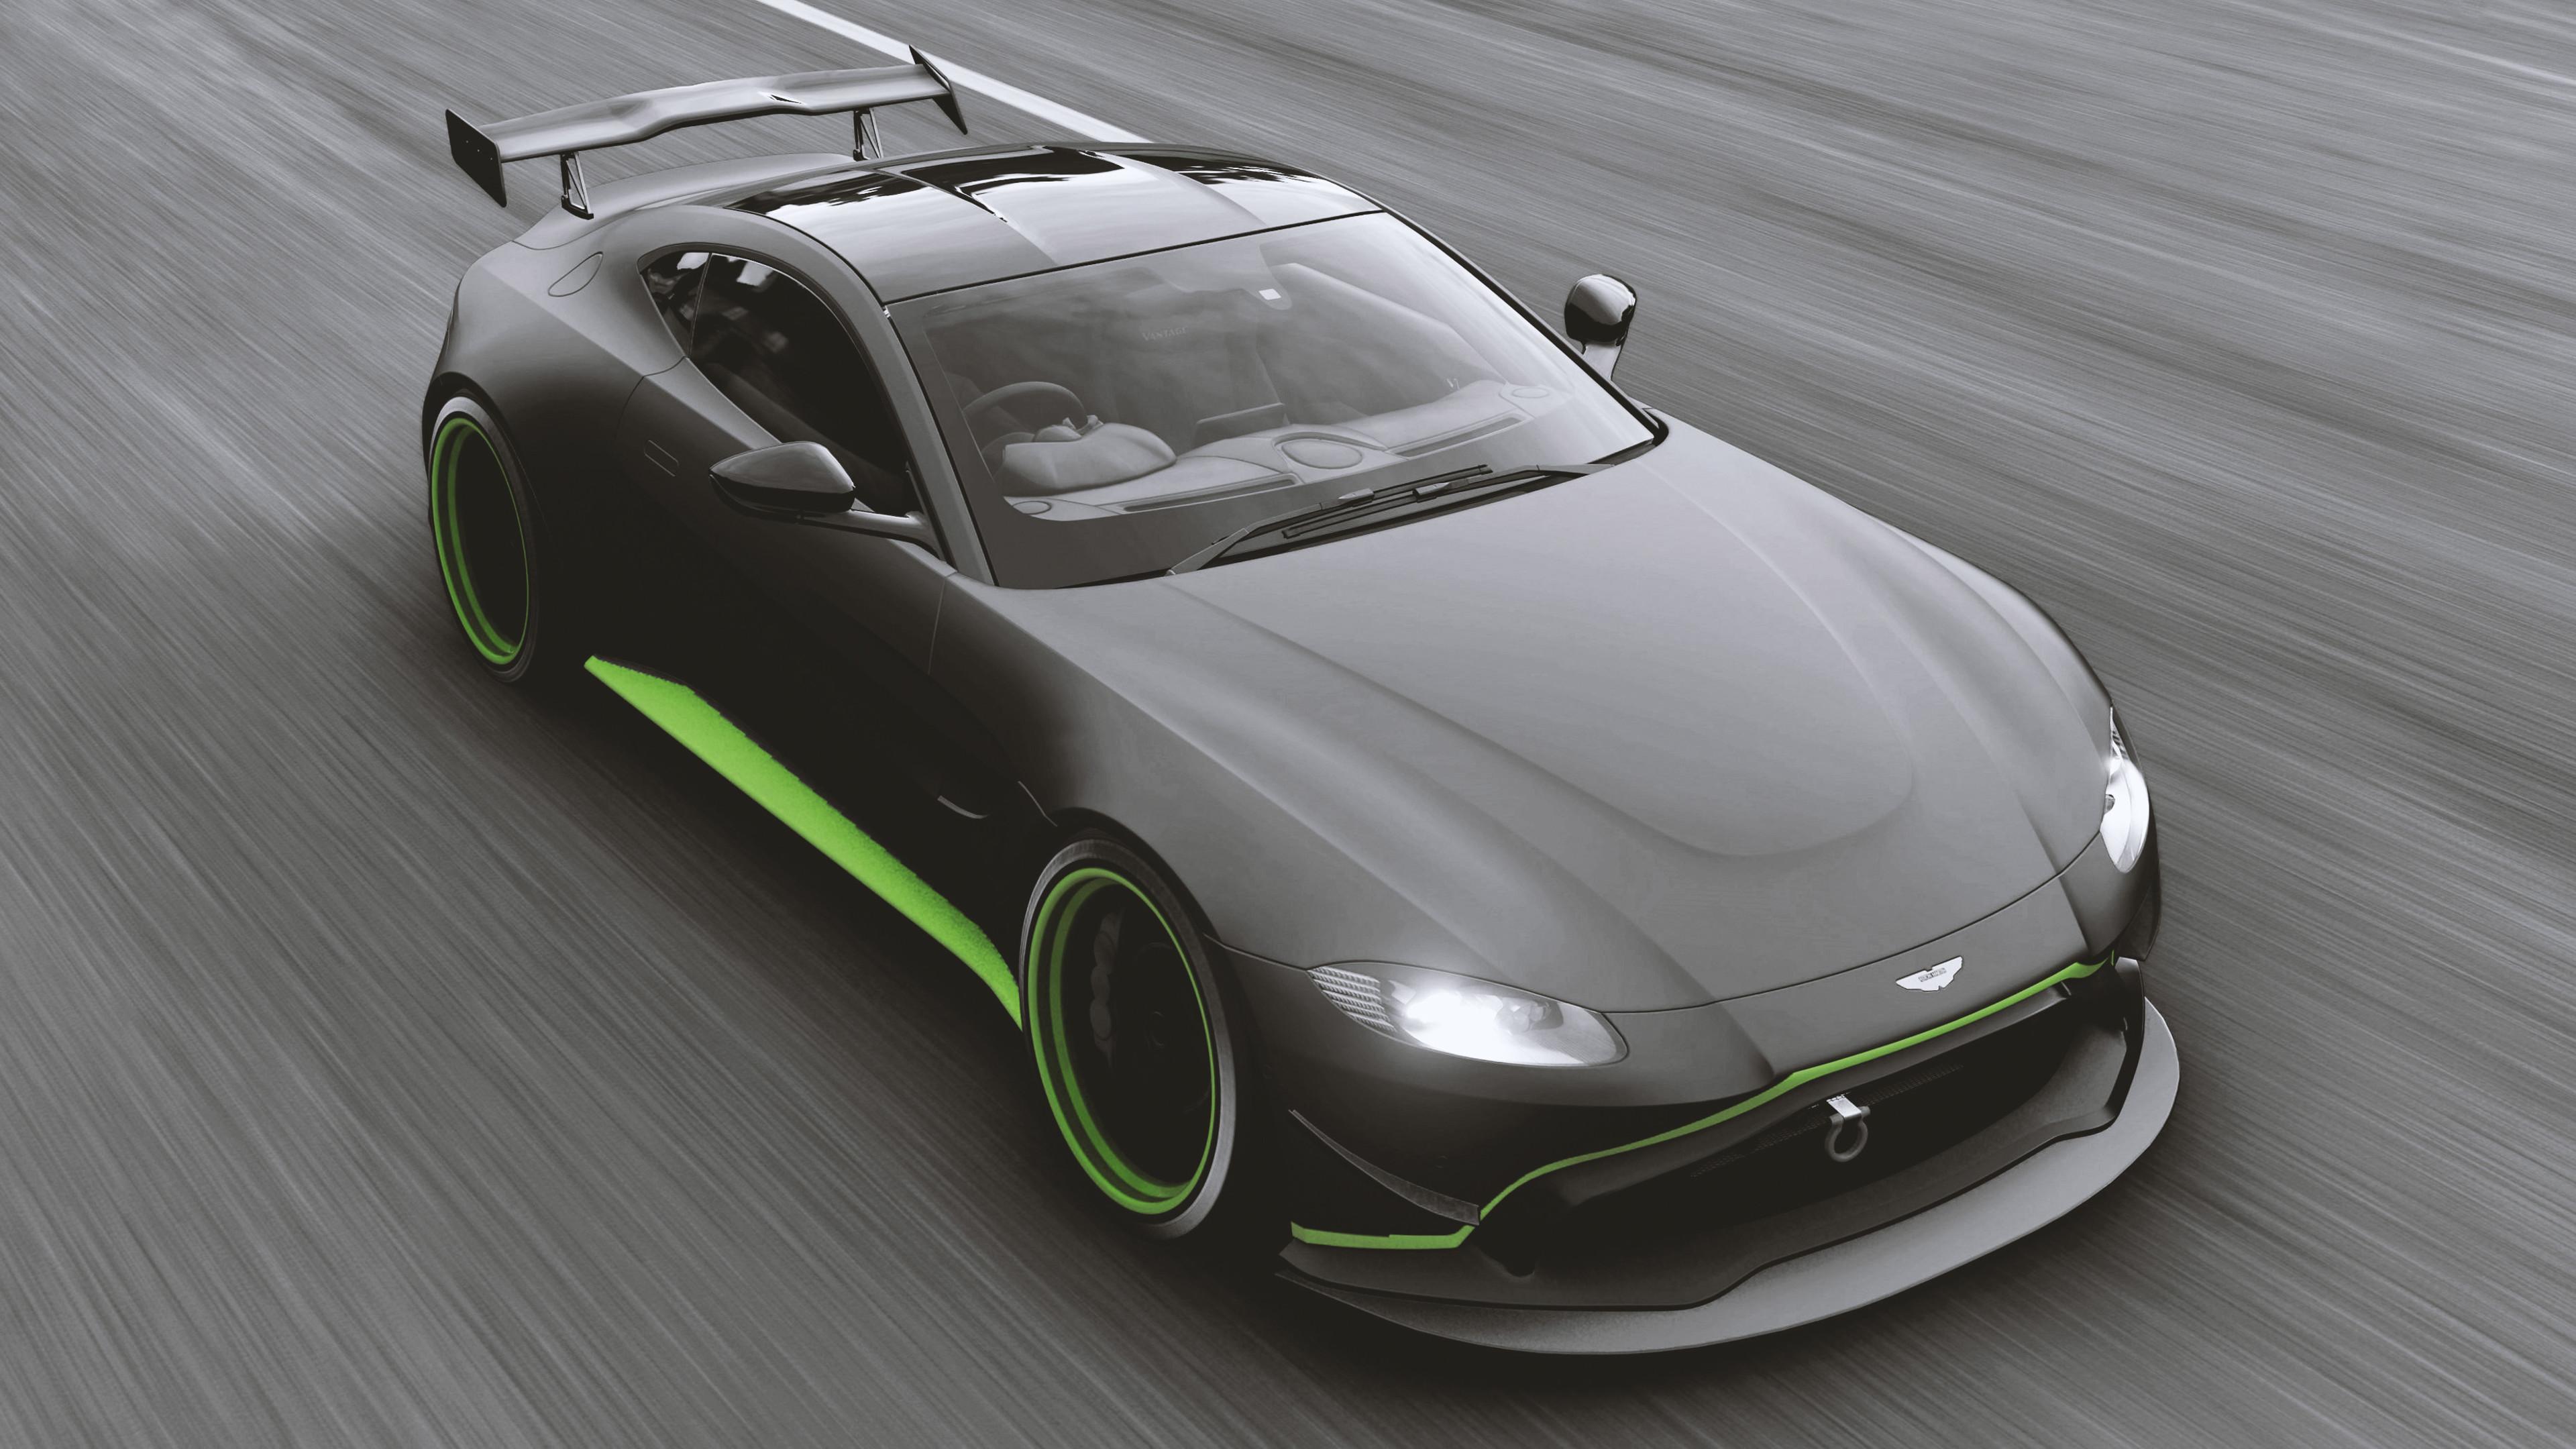 forza horizon 4 aston martin 4k 3840x2160 1 - Forza Horizon 4 Aston Martin - Forza Horizon 4 wallpapers 4k, Forza Horizon 4 Aston Martin wallpapers, Forza Horizon 4 Aston Martin 4k wallpapers